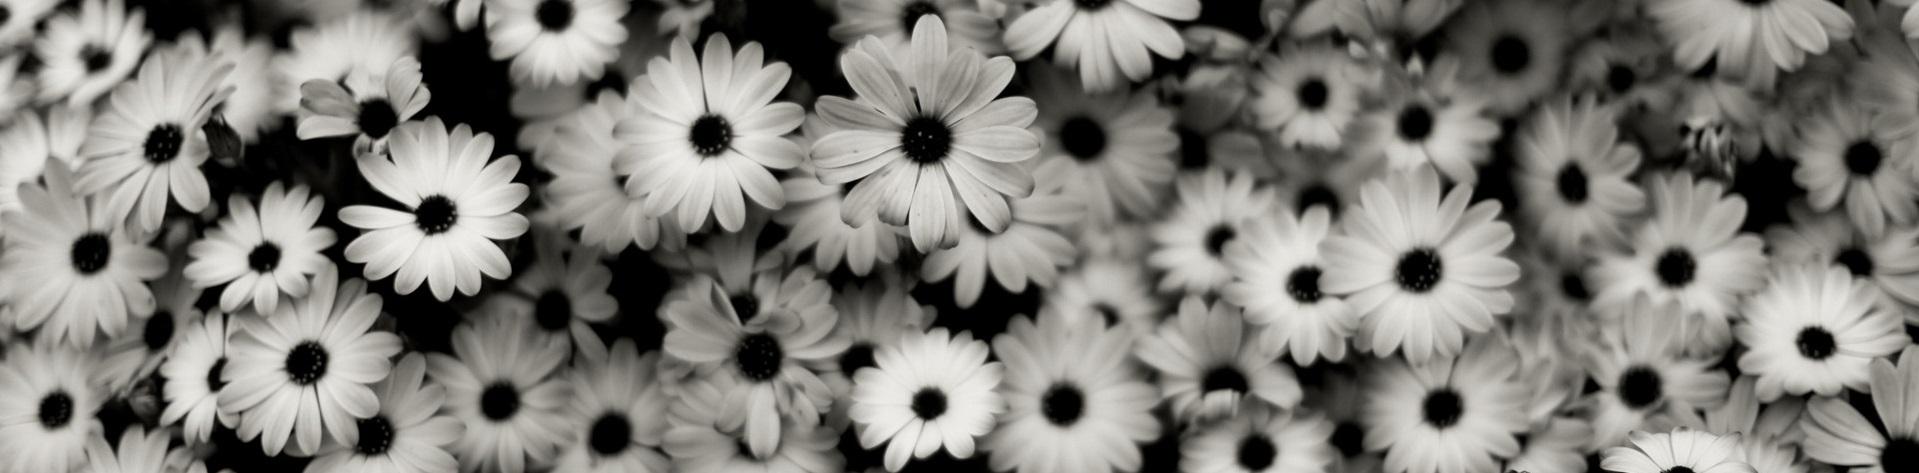 50 Black And White Flower Wallpaper On Wallpapersafari